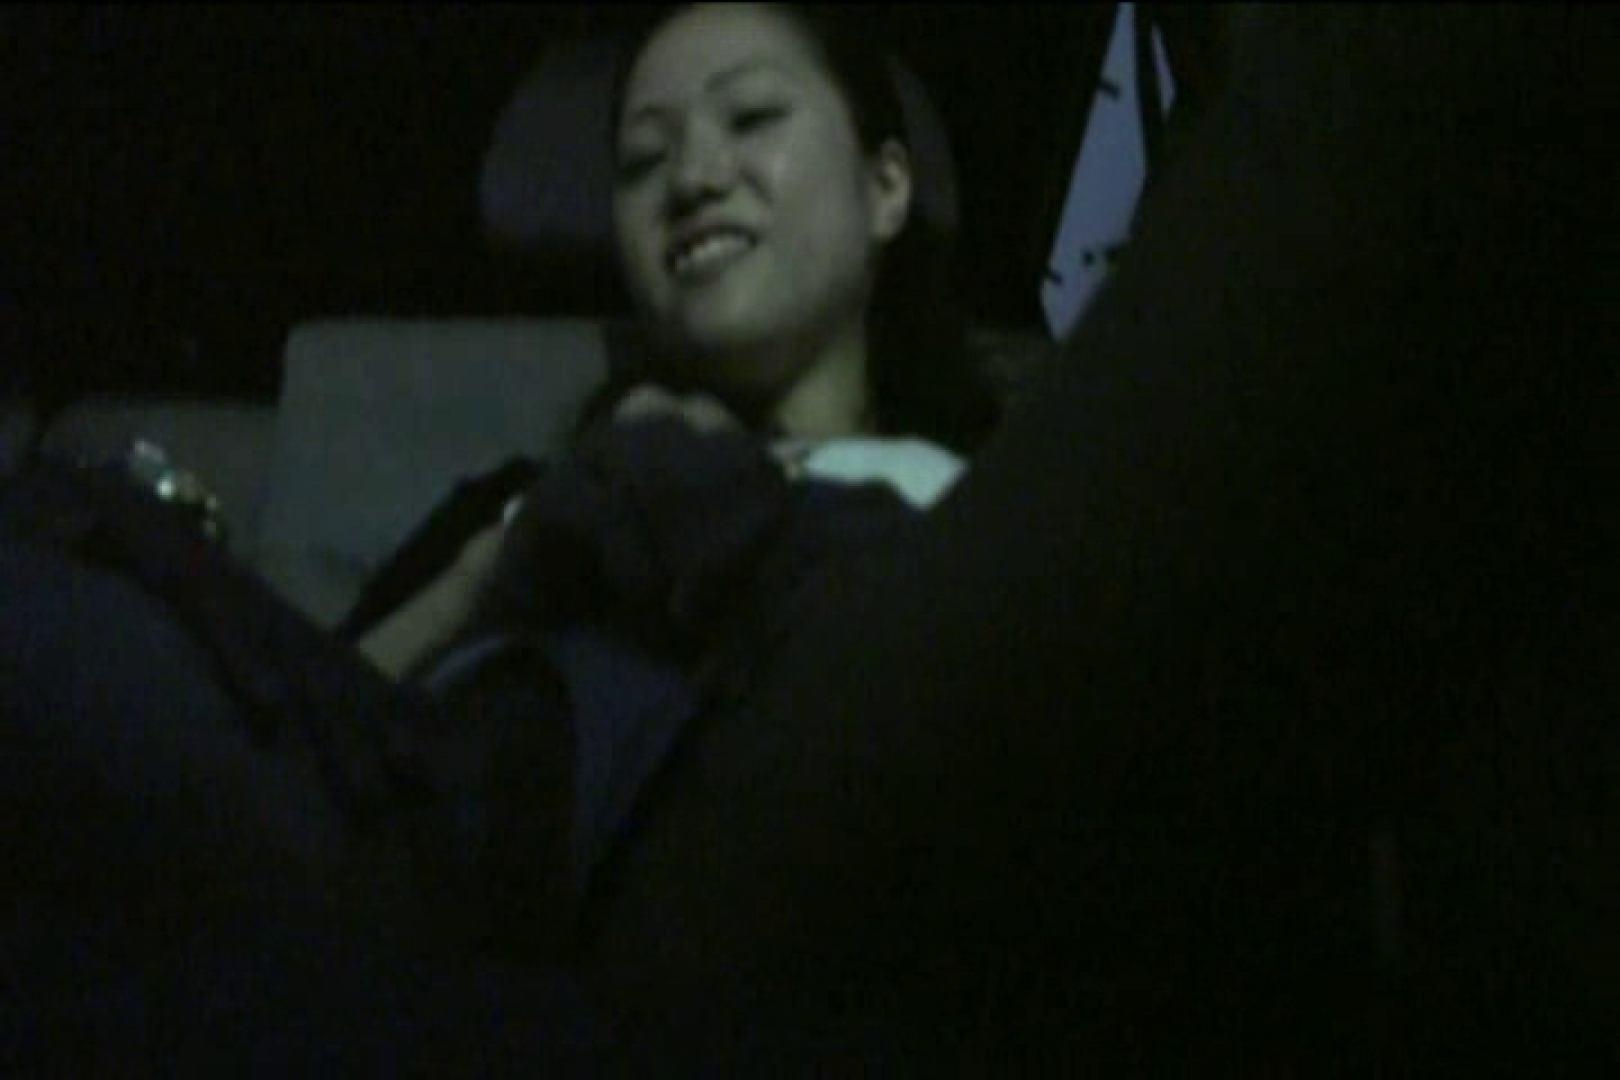 車内で初めまして! vol01 車でエッチ SEX無修正画像 102PIX 94